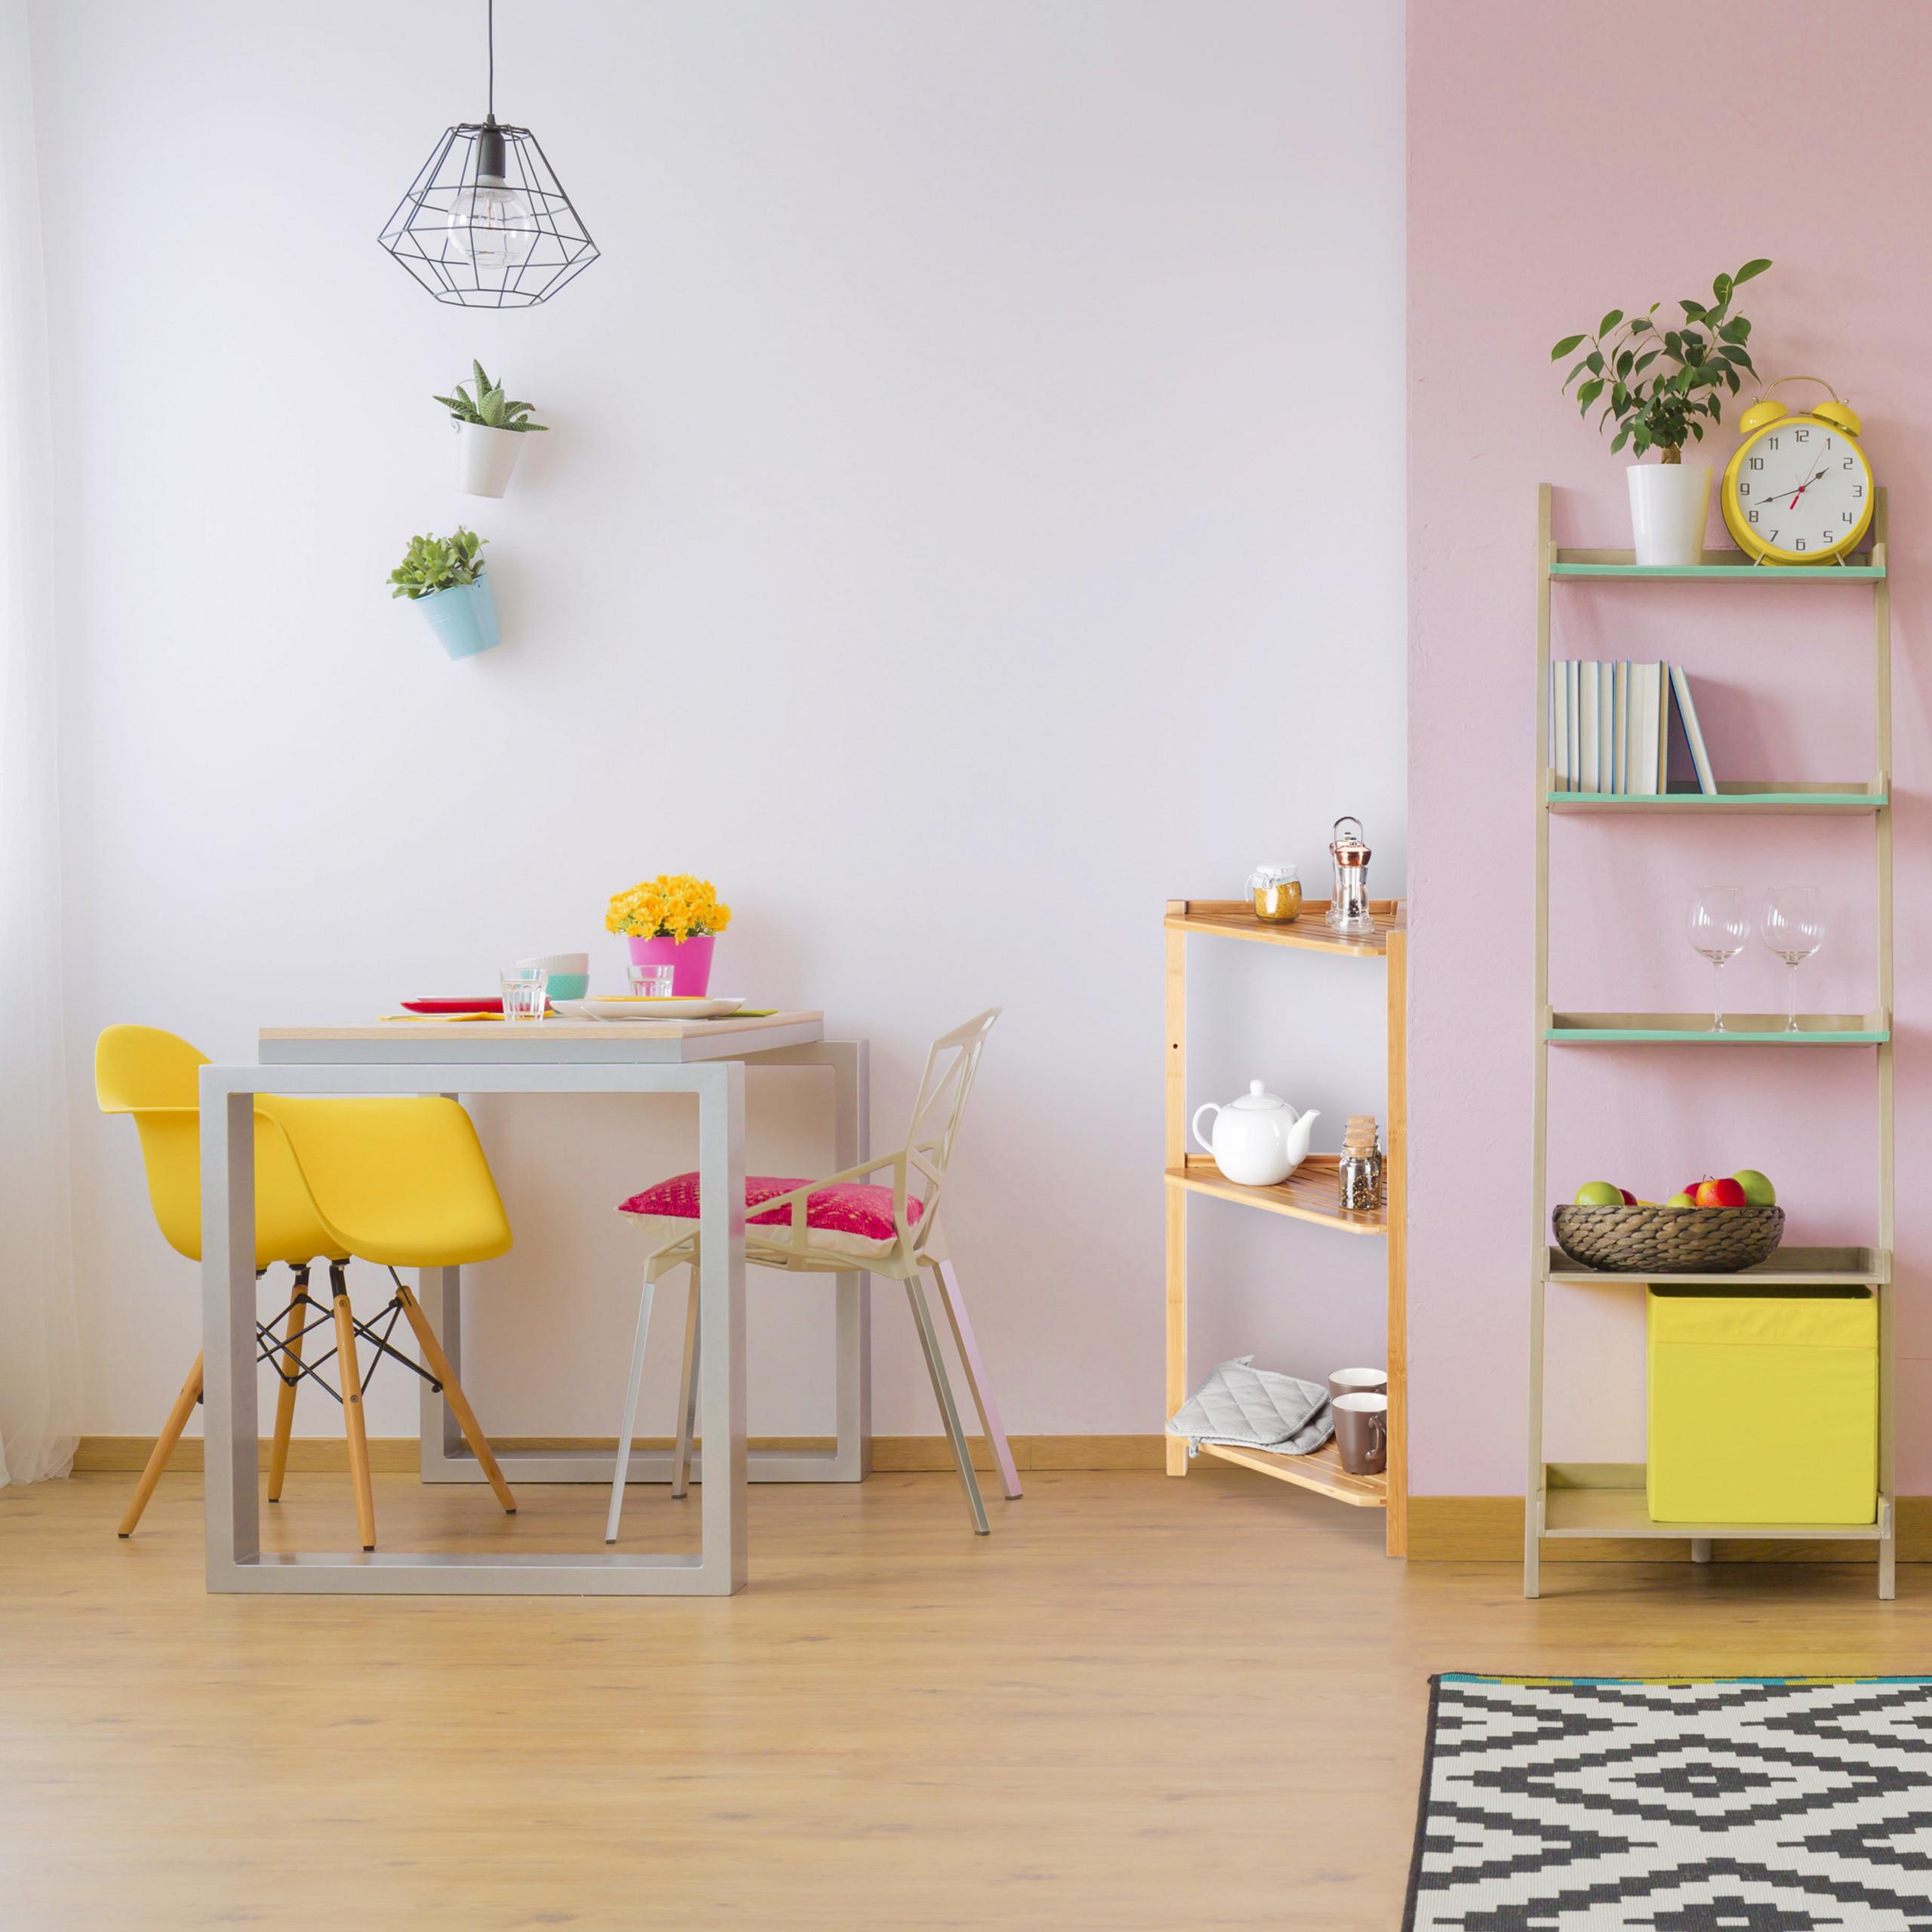 Dettagli su Scaffale ad angolo in bambù, 3 ripiani, mobile angolare bagno e  cucina, marrone